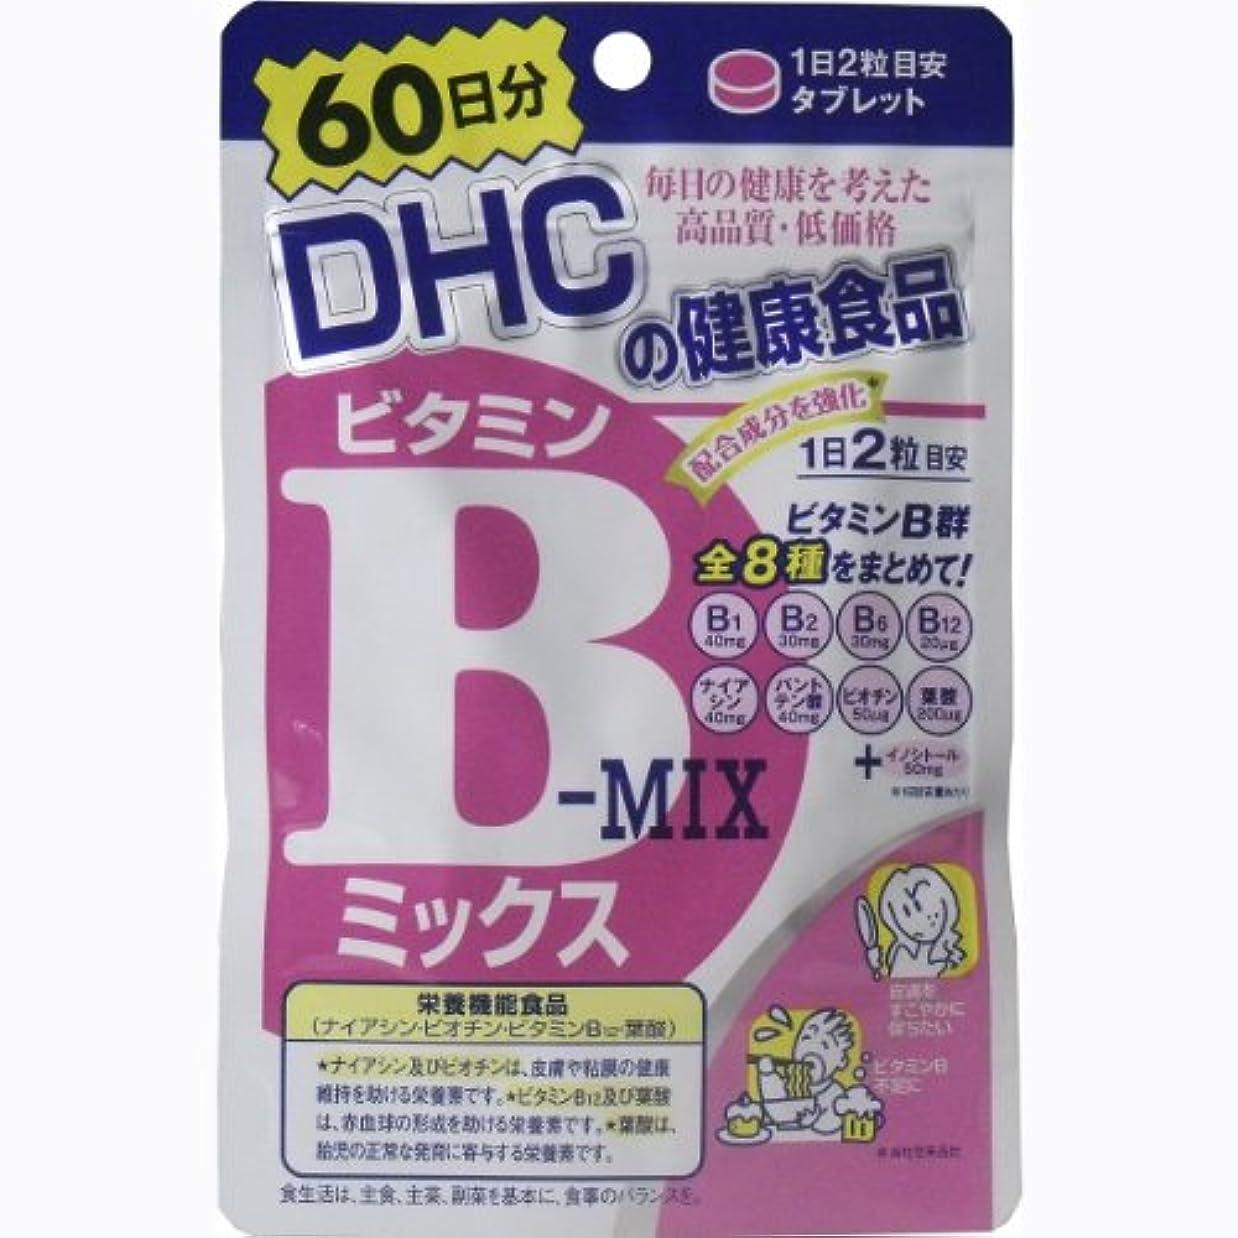 熟考する使い込むストロークDHC ビタミンBミックス 120粒 60日分【2個セット】